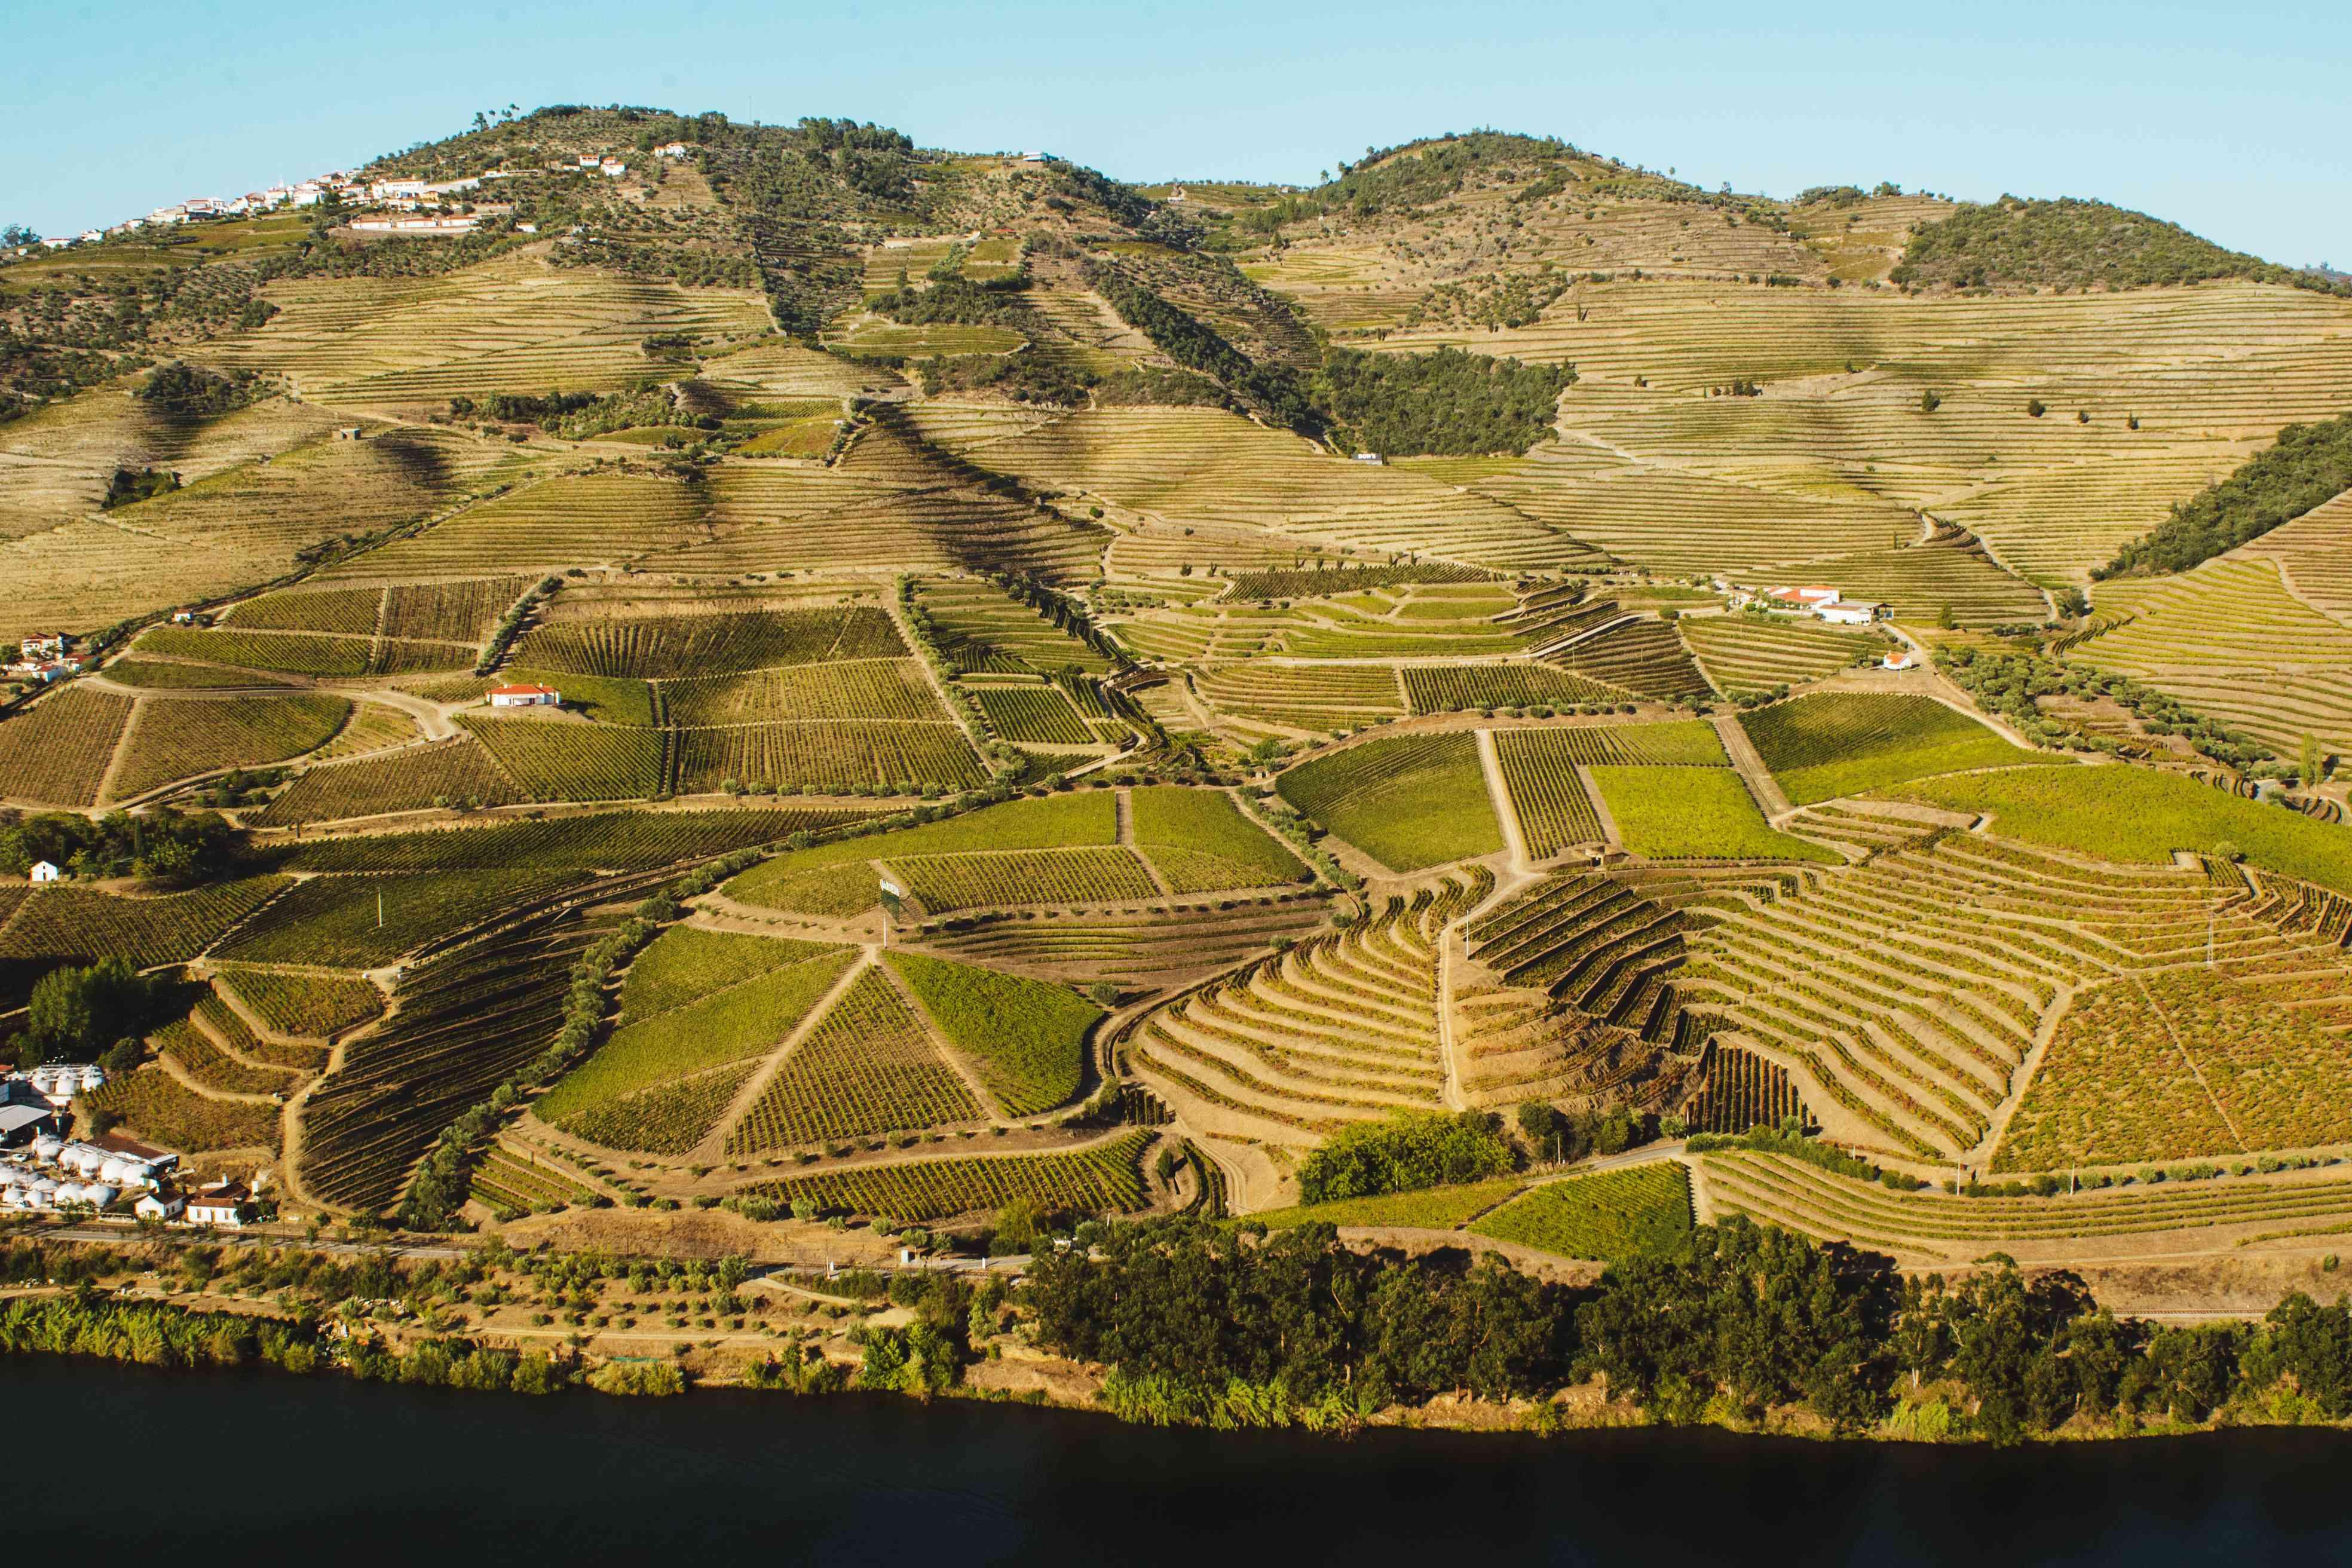 Vista de las colinas y viñedos del valle del Duero